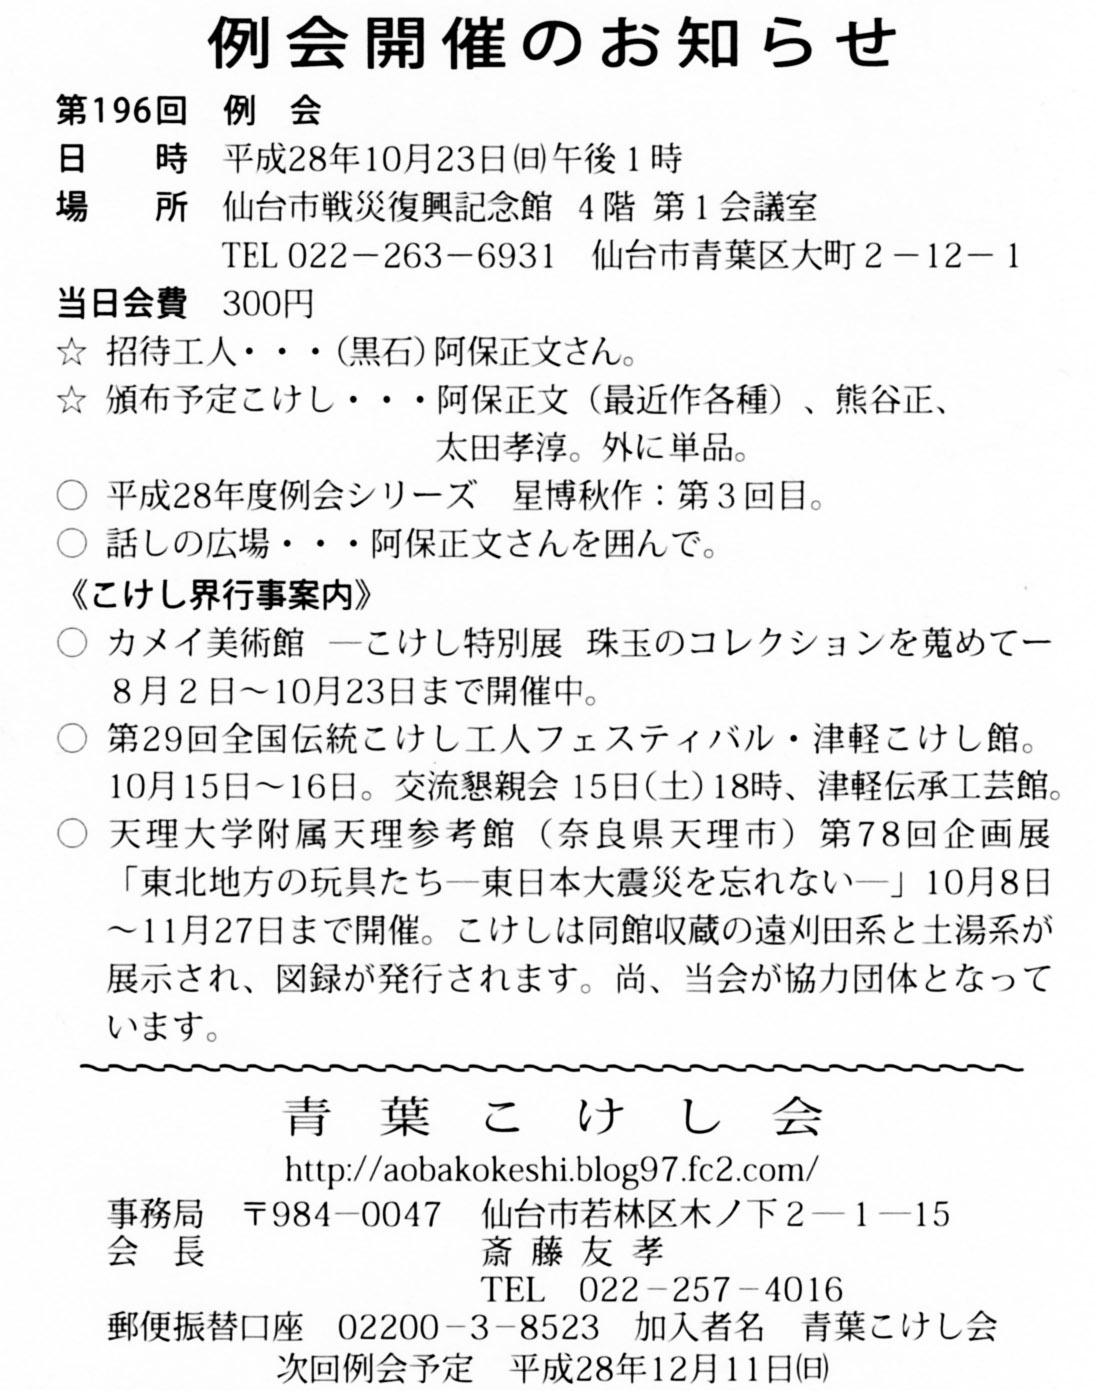 20161013例会開催お知らせ